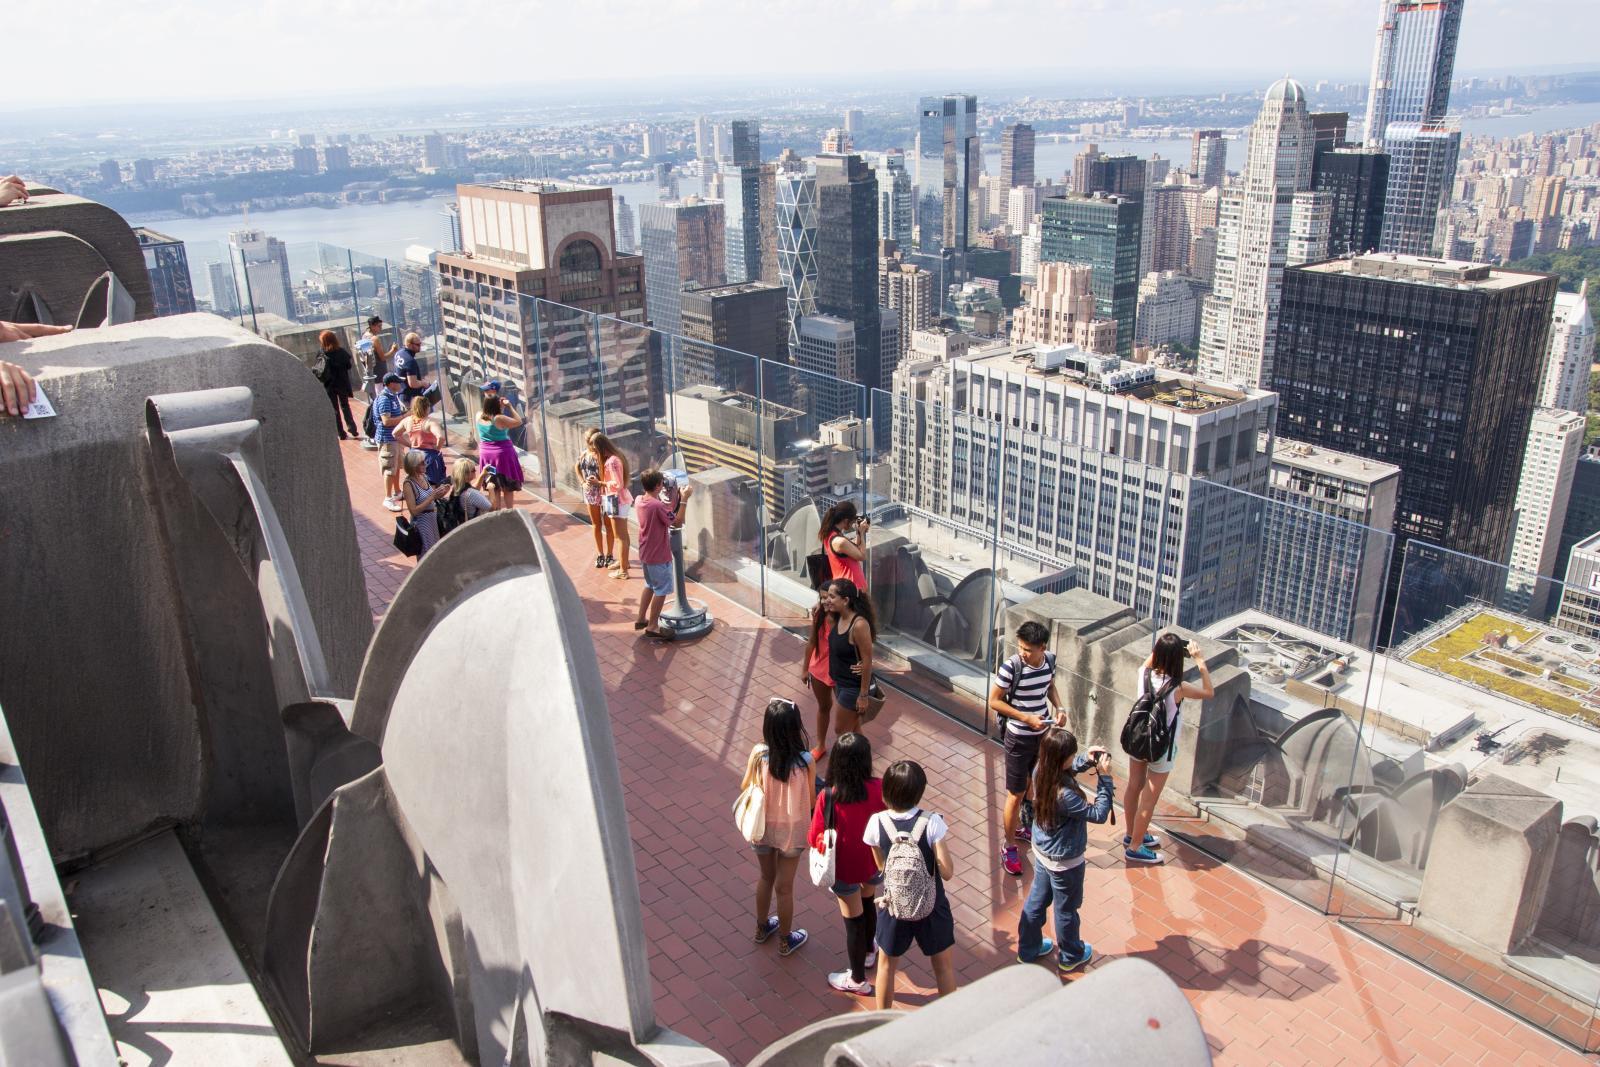 El mirador del Rockefeller Center